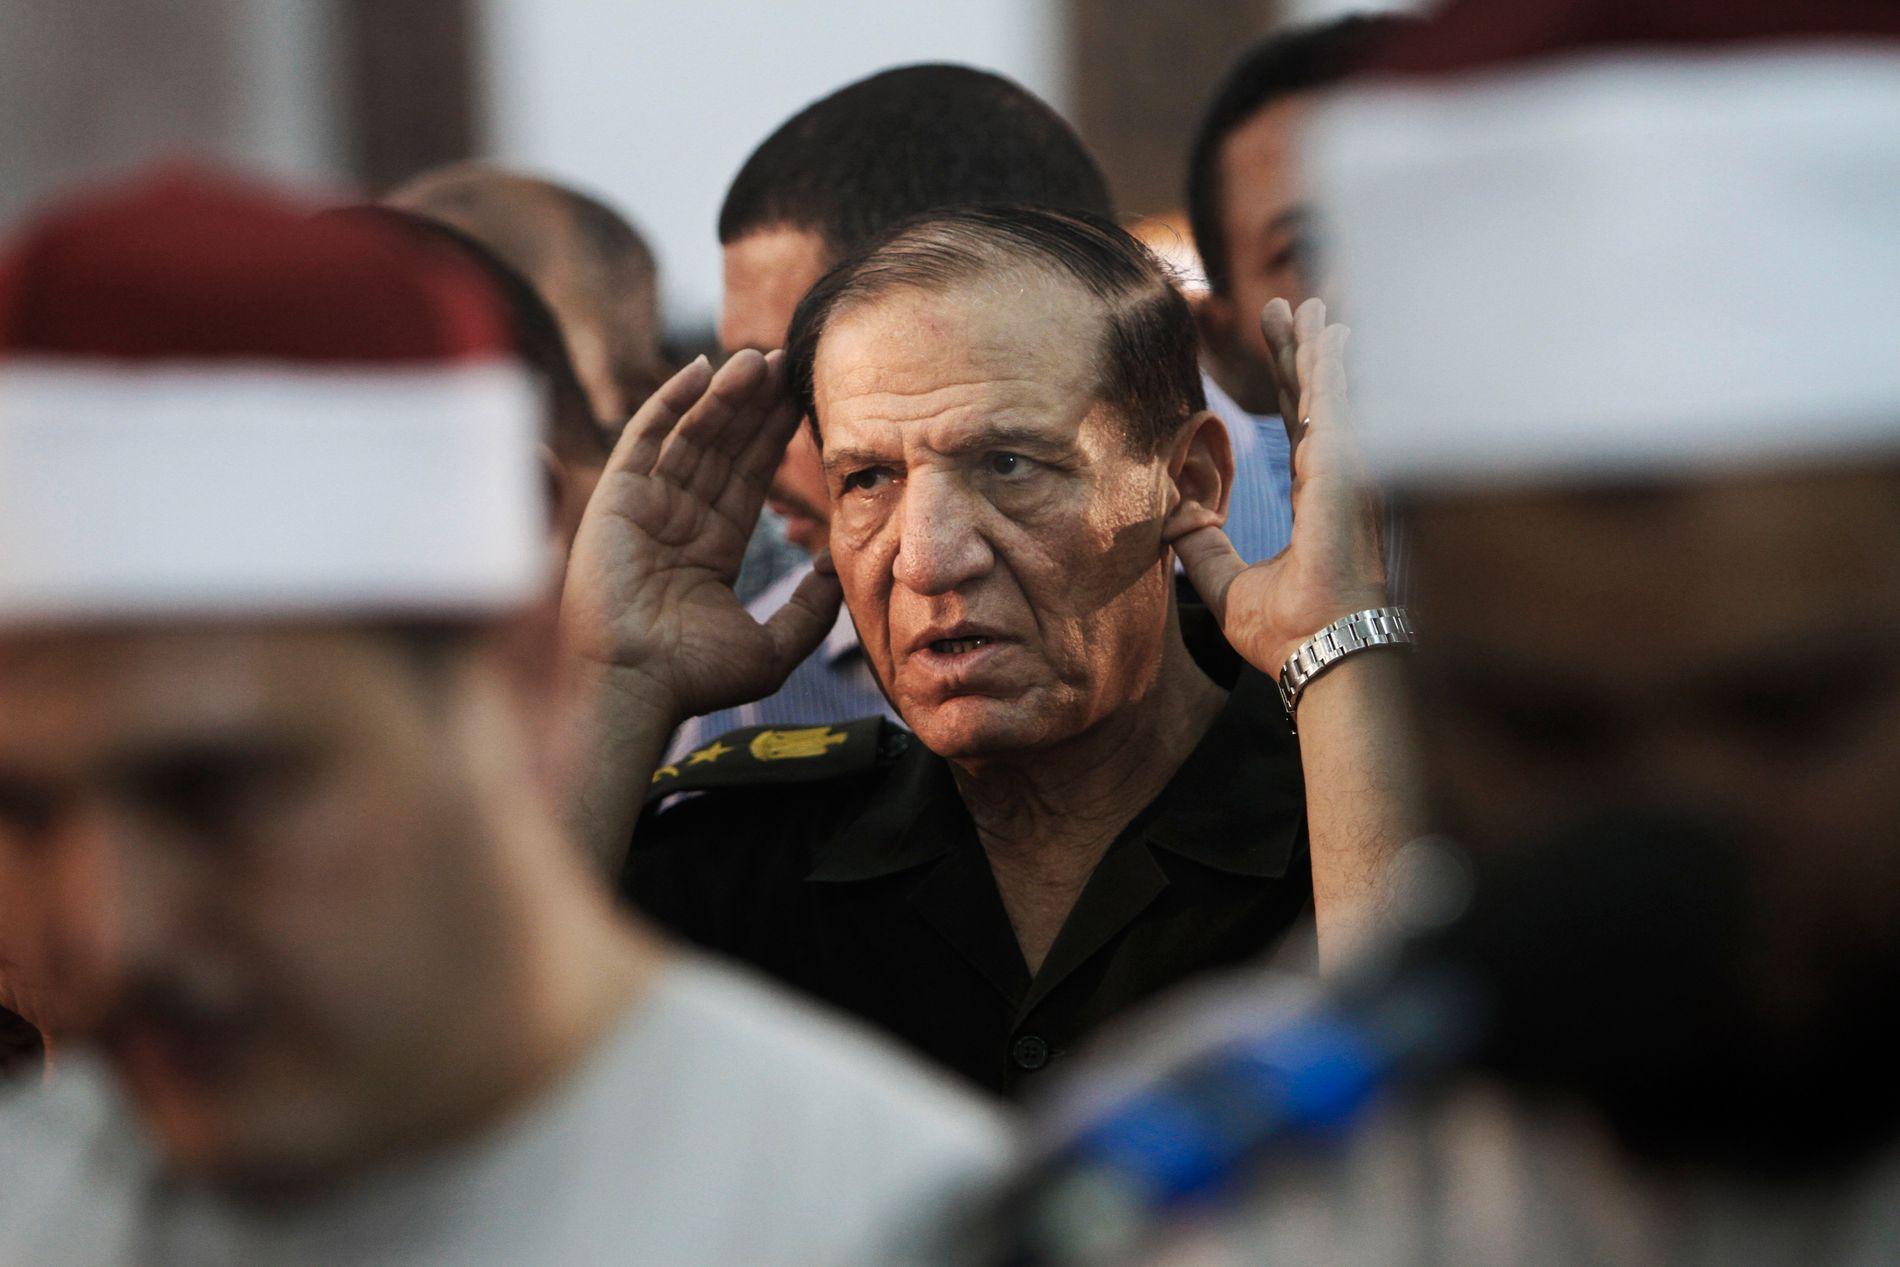 PRESIDENTENS HODEBRY: Profilerte Sami Anan kunne ha blitt en reell konkurrent til Egypts president Sisi. Bildet er fra 2012.